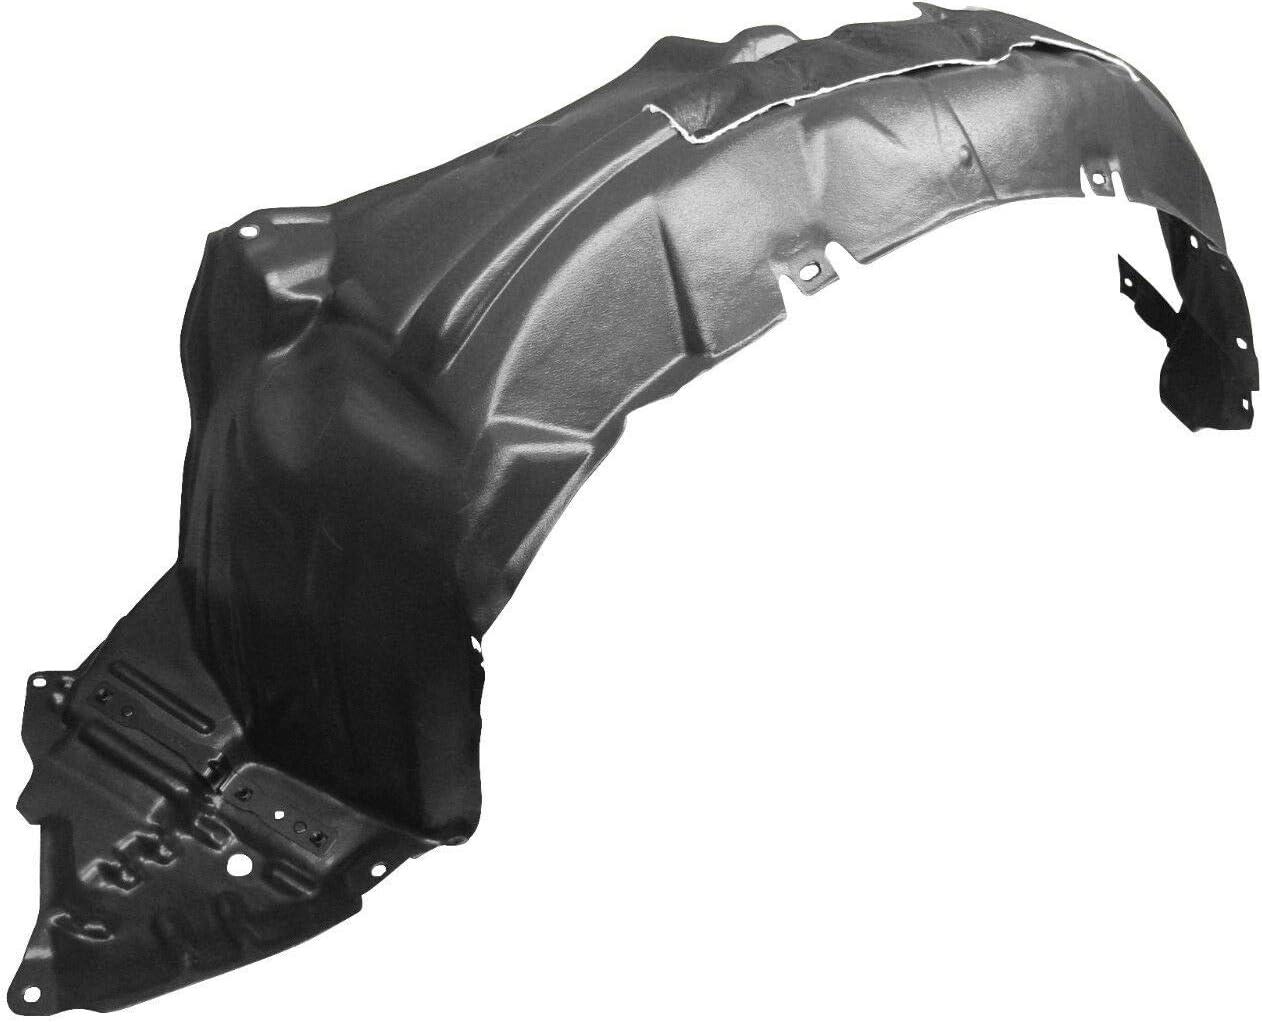 New TO1249179 Splash Shield for Toyota Prius V 2012-2014